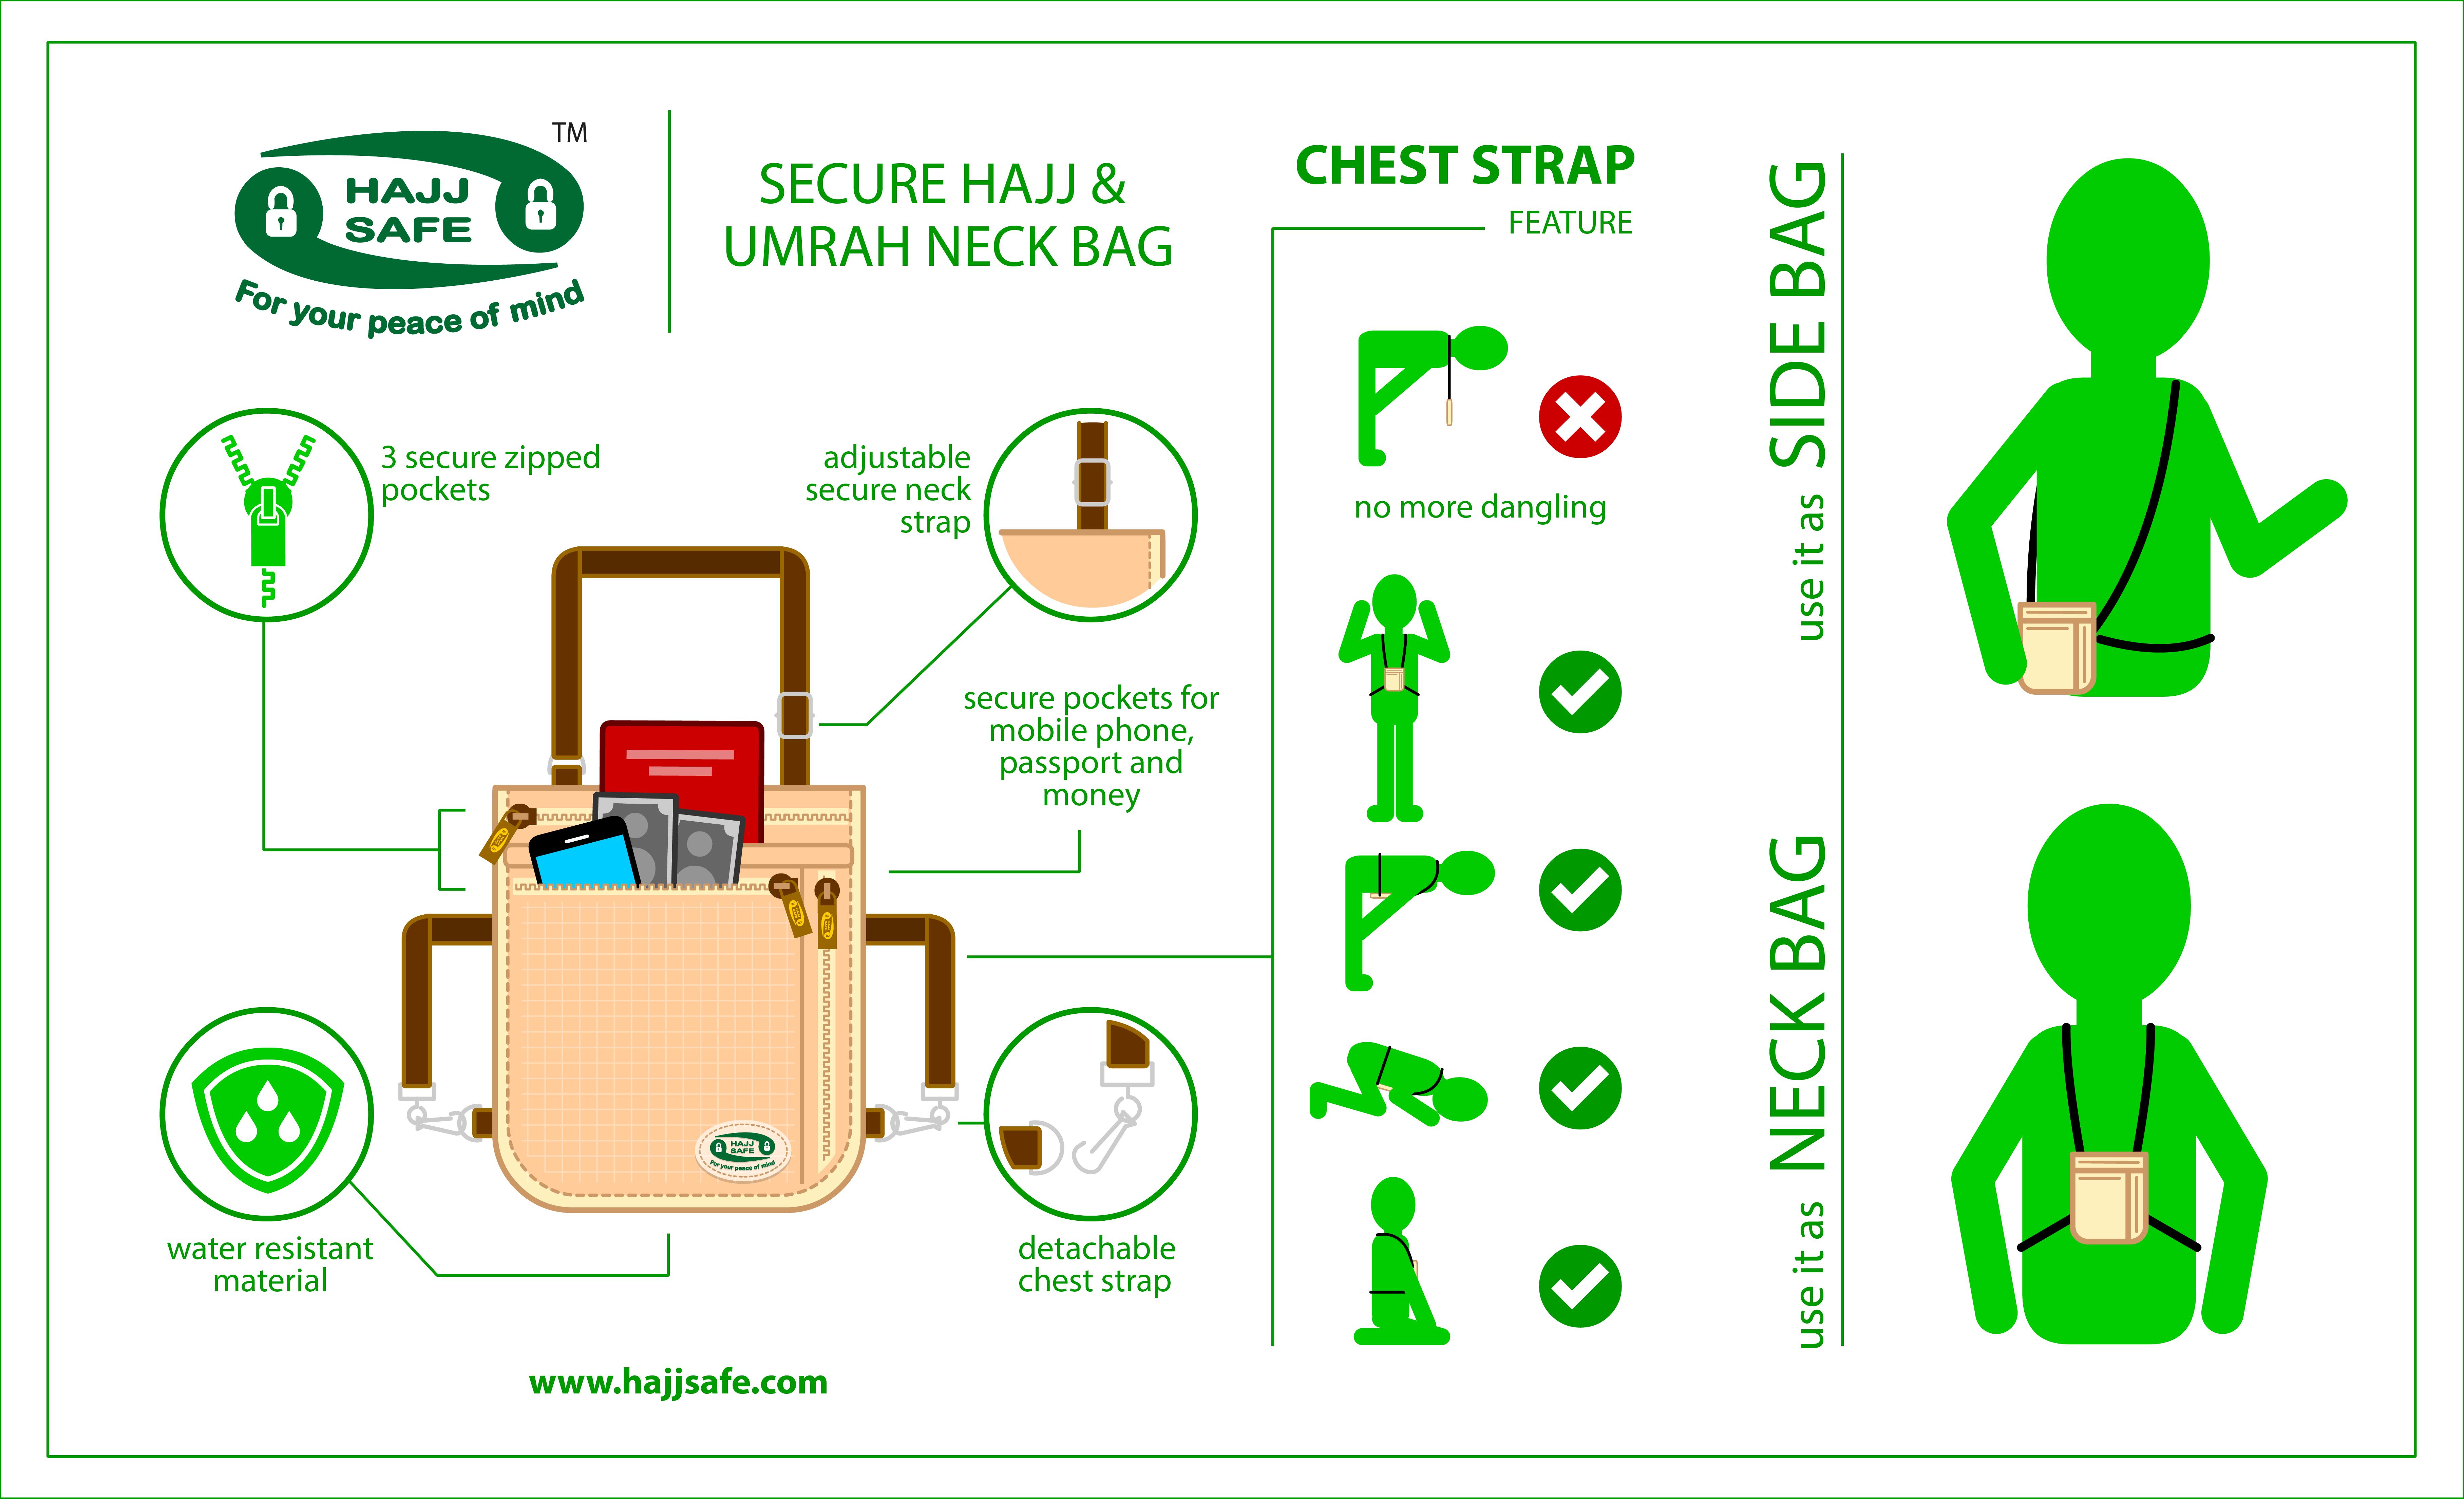 hajj-safe-secure-neck-bag-1.1.png